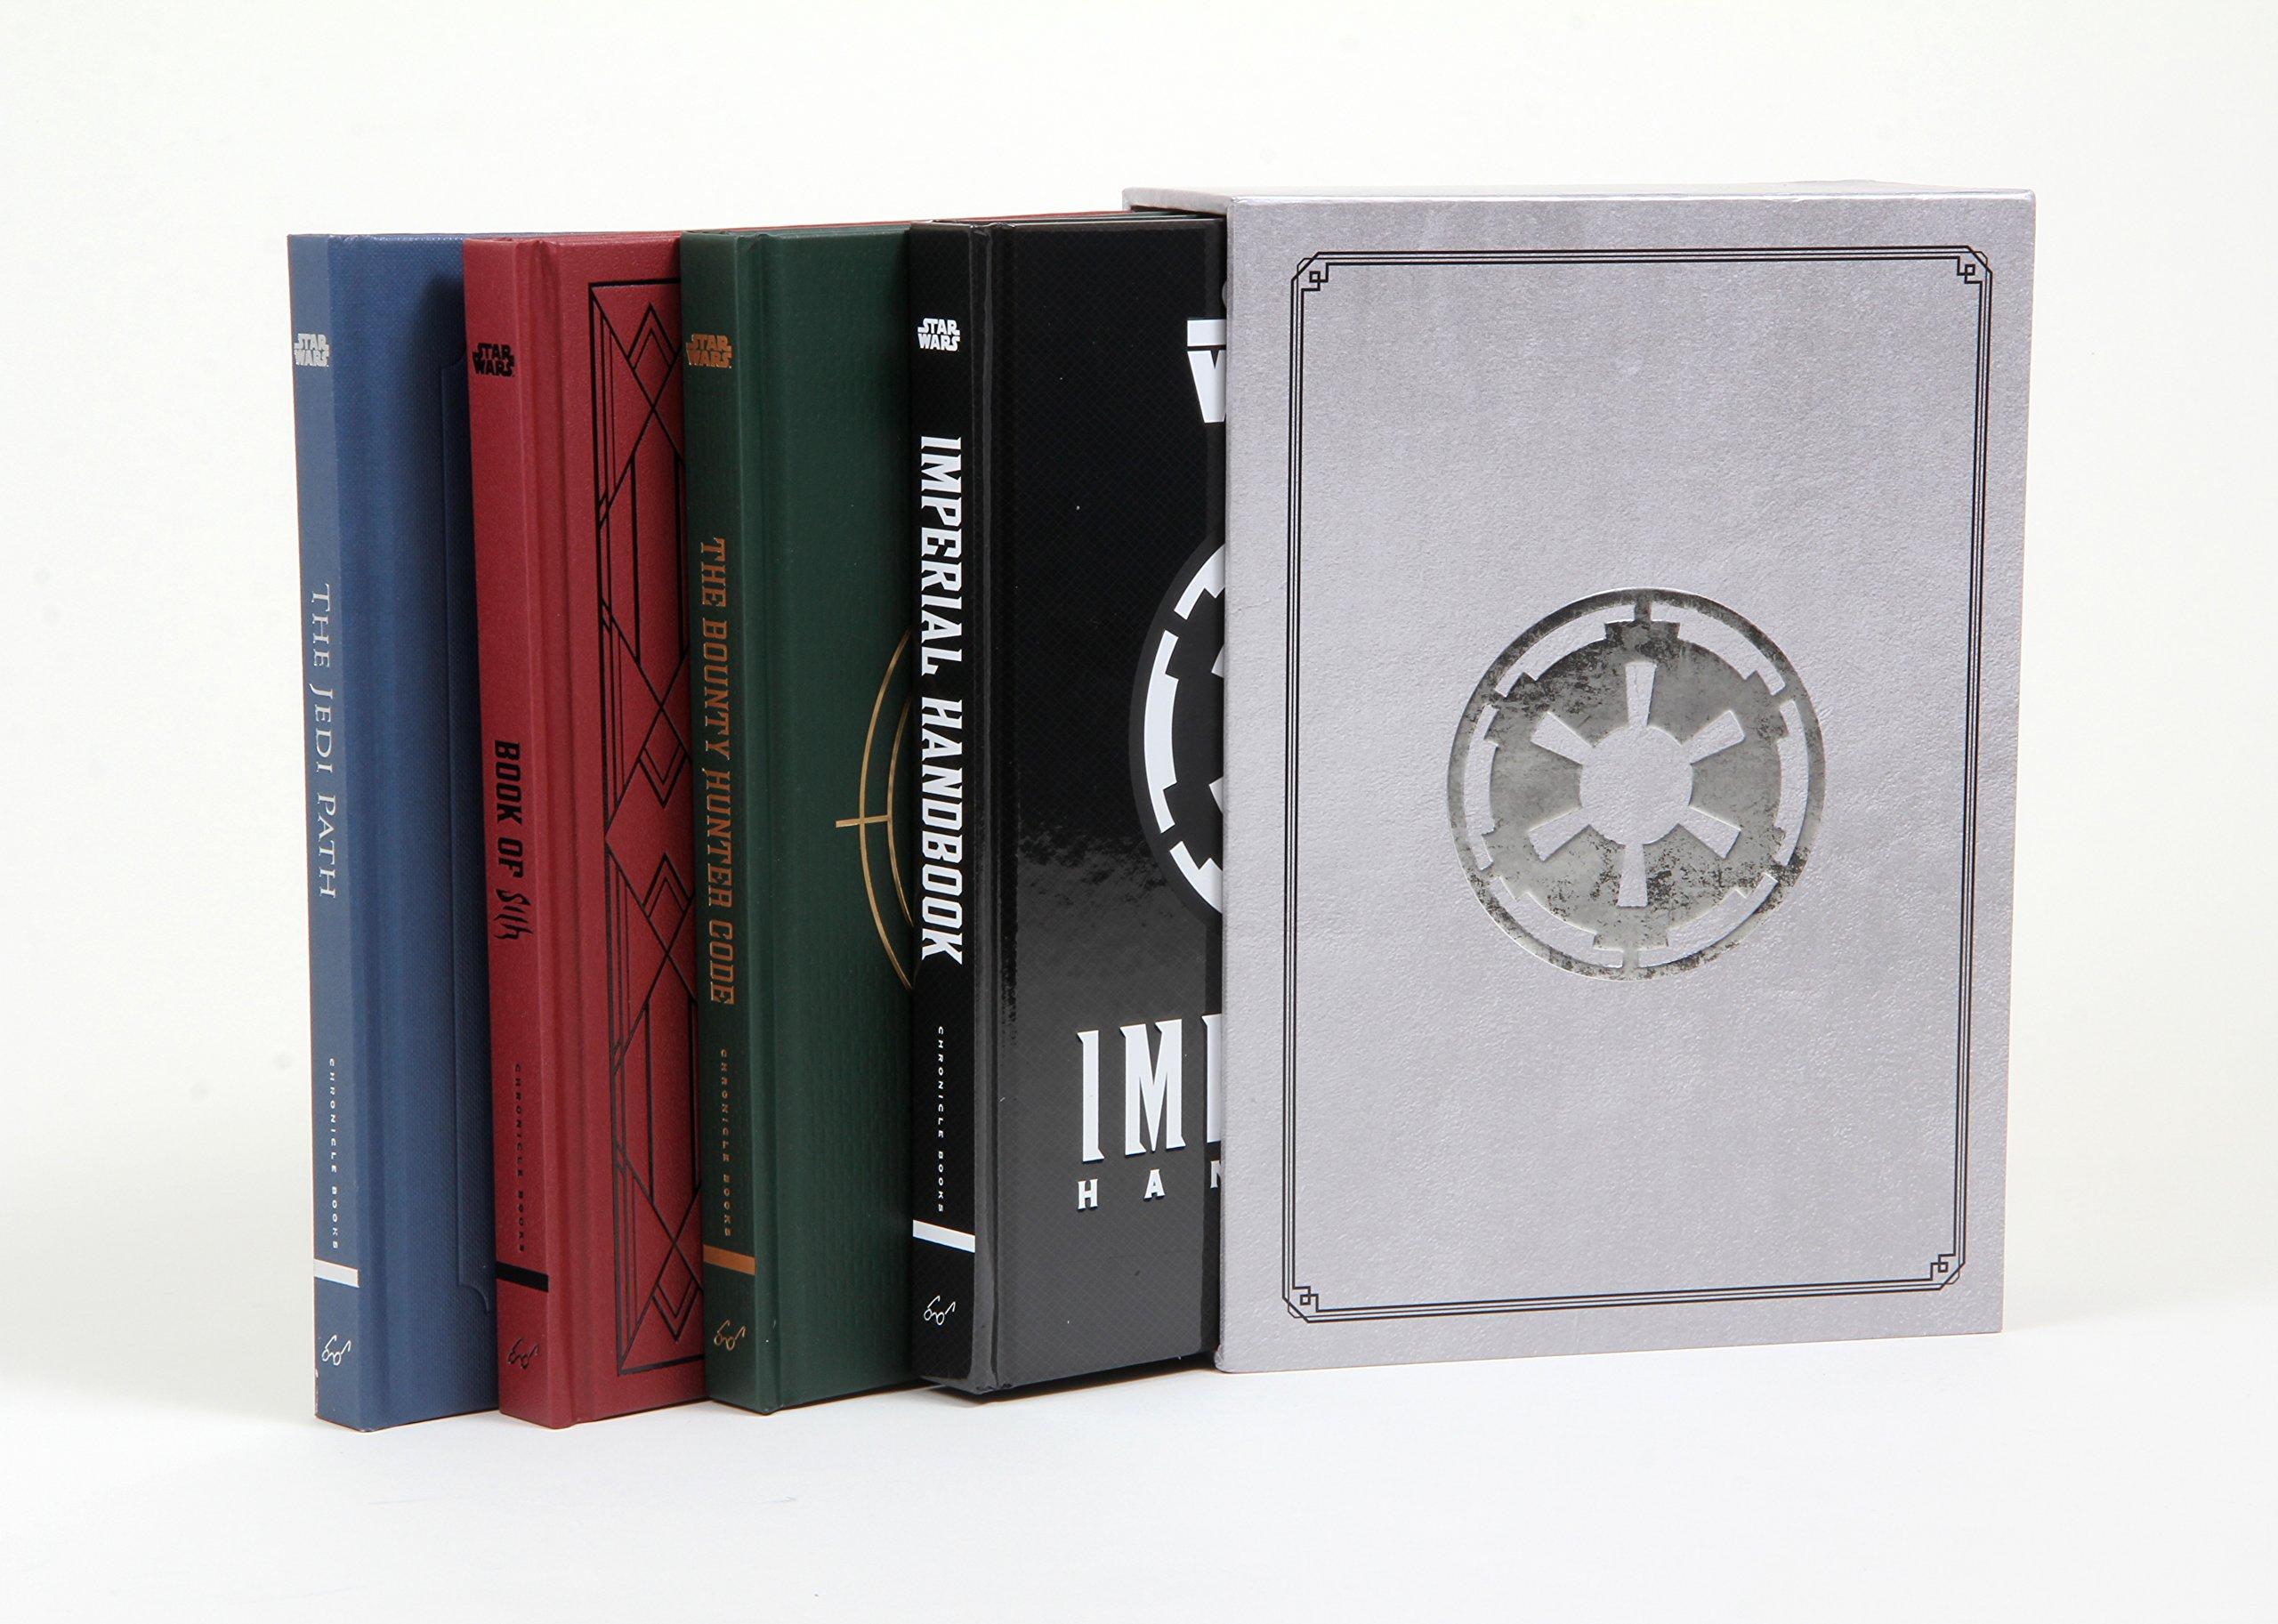 BOXED-STAR WARS(R) SECRETS 4V: Amazon.es: Wallace, Daniel: Libros en idiomas extranjeros